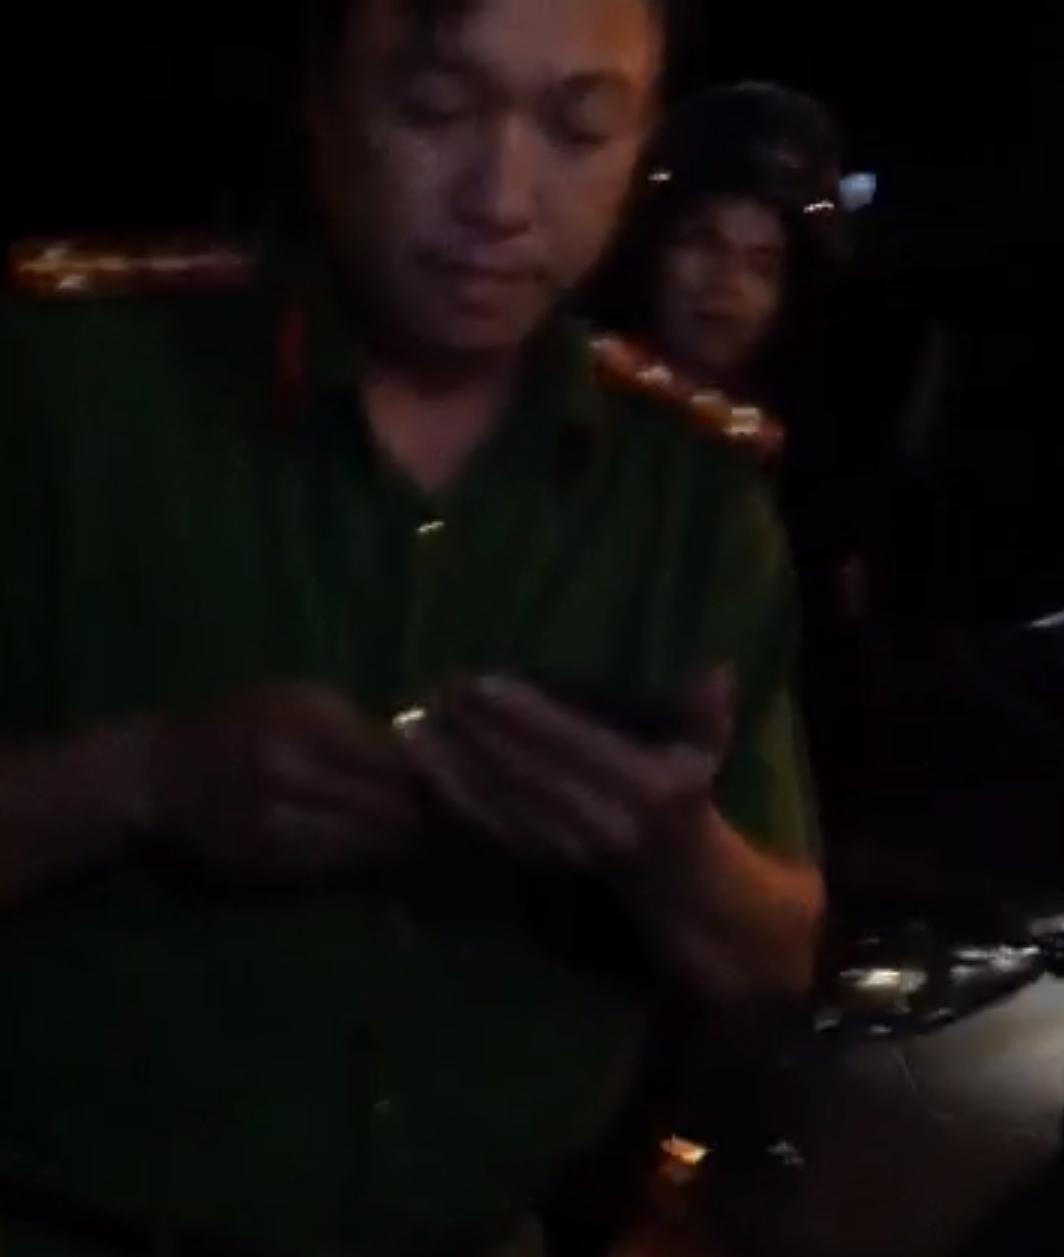 Đại úy Phạm Quốc Hưng có động cơ bắt người không trong sáng.